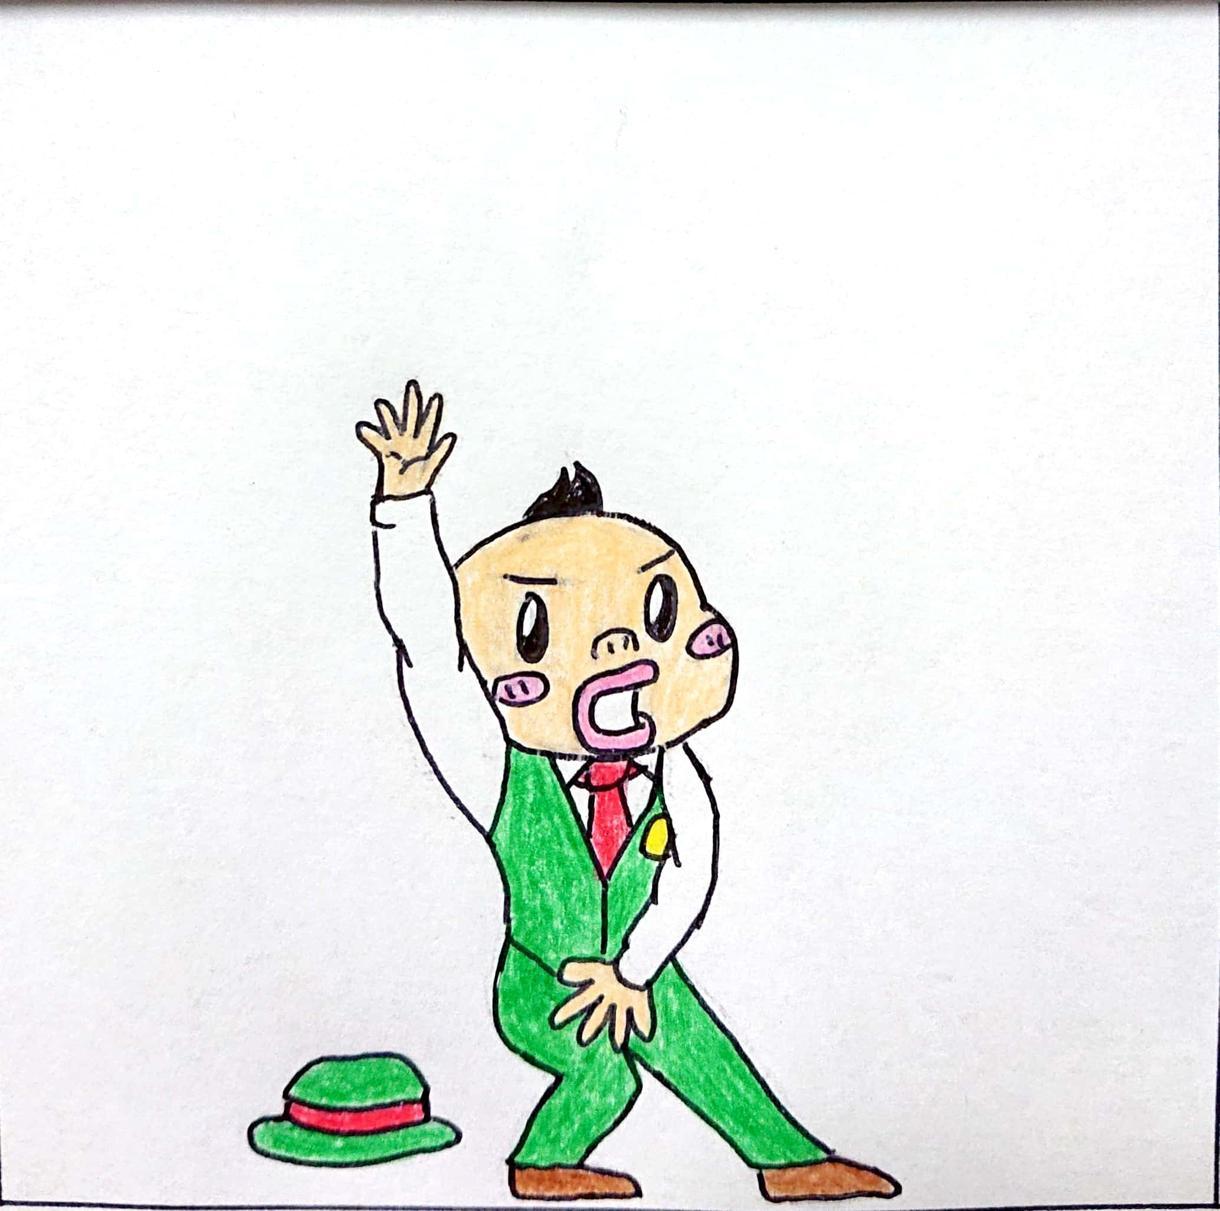 世界にひとつ『あなただけのマンガ』描きます あなたの言葉をマンガにのせるお手伝いをします イメージ1